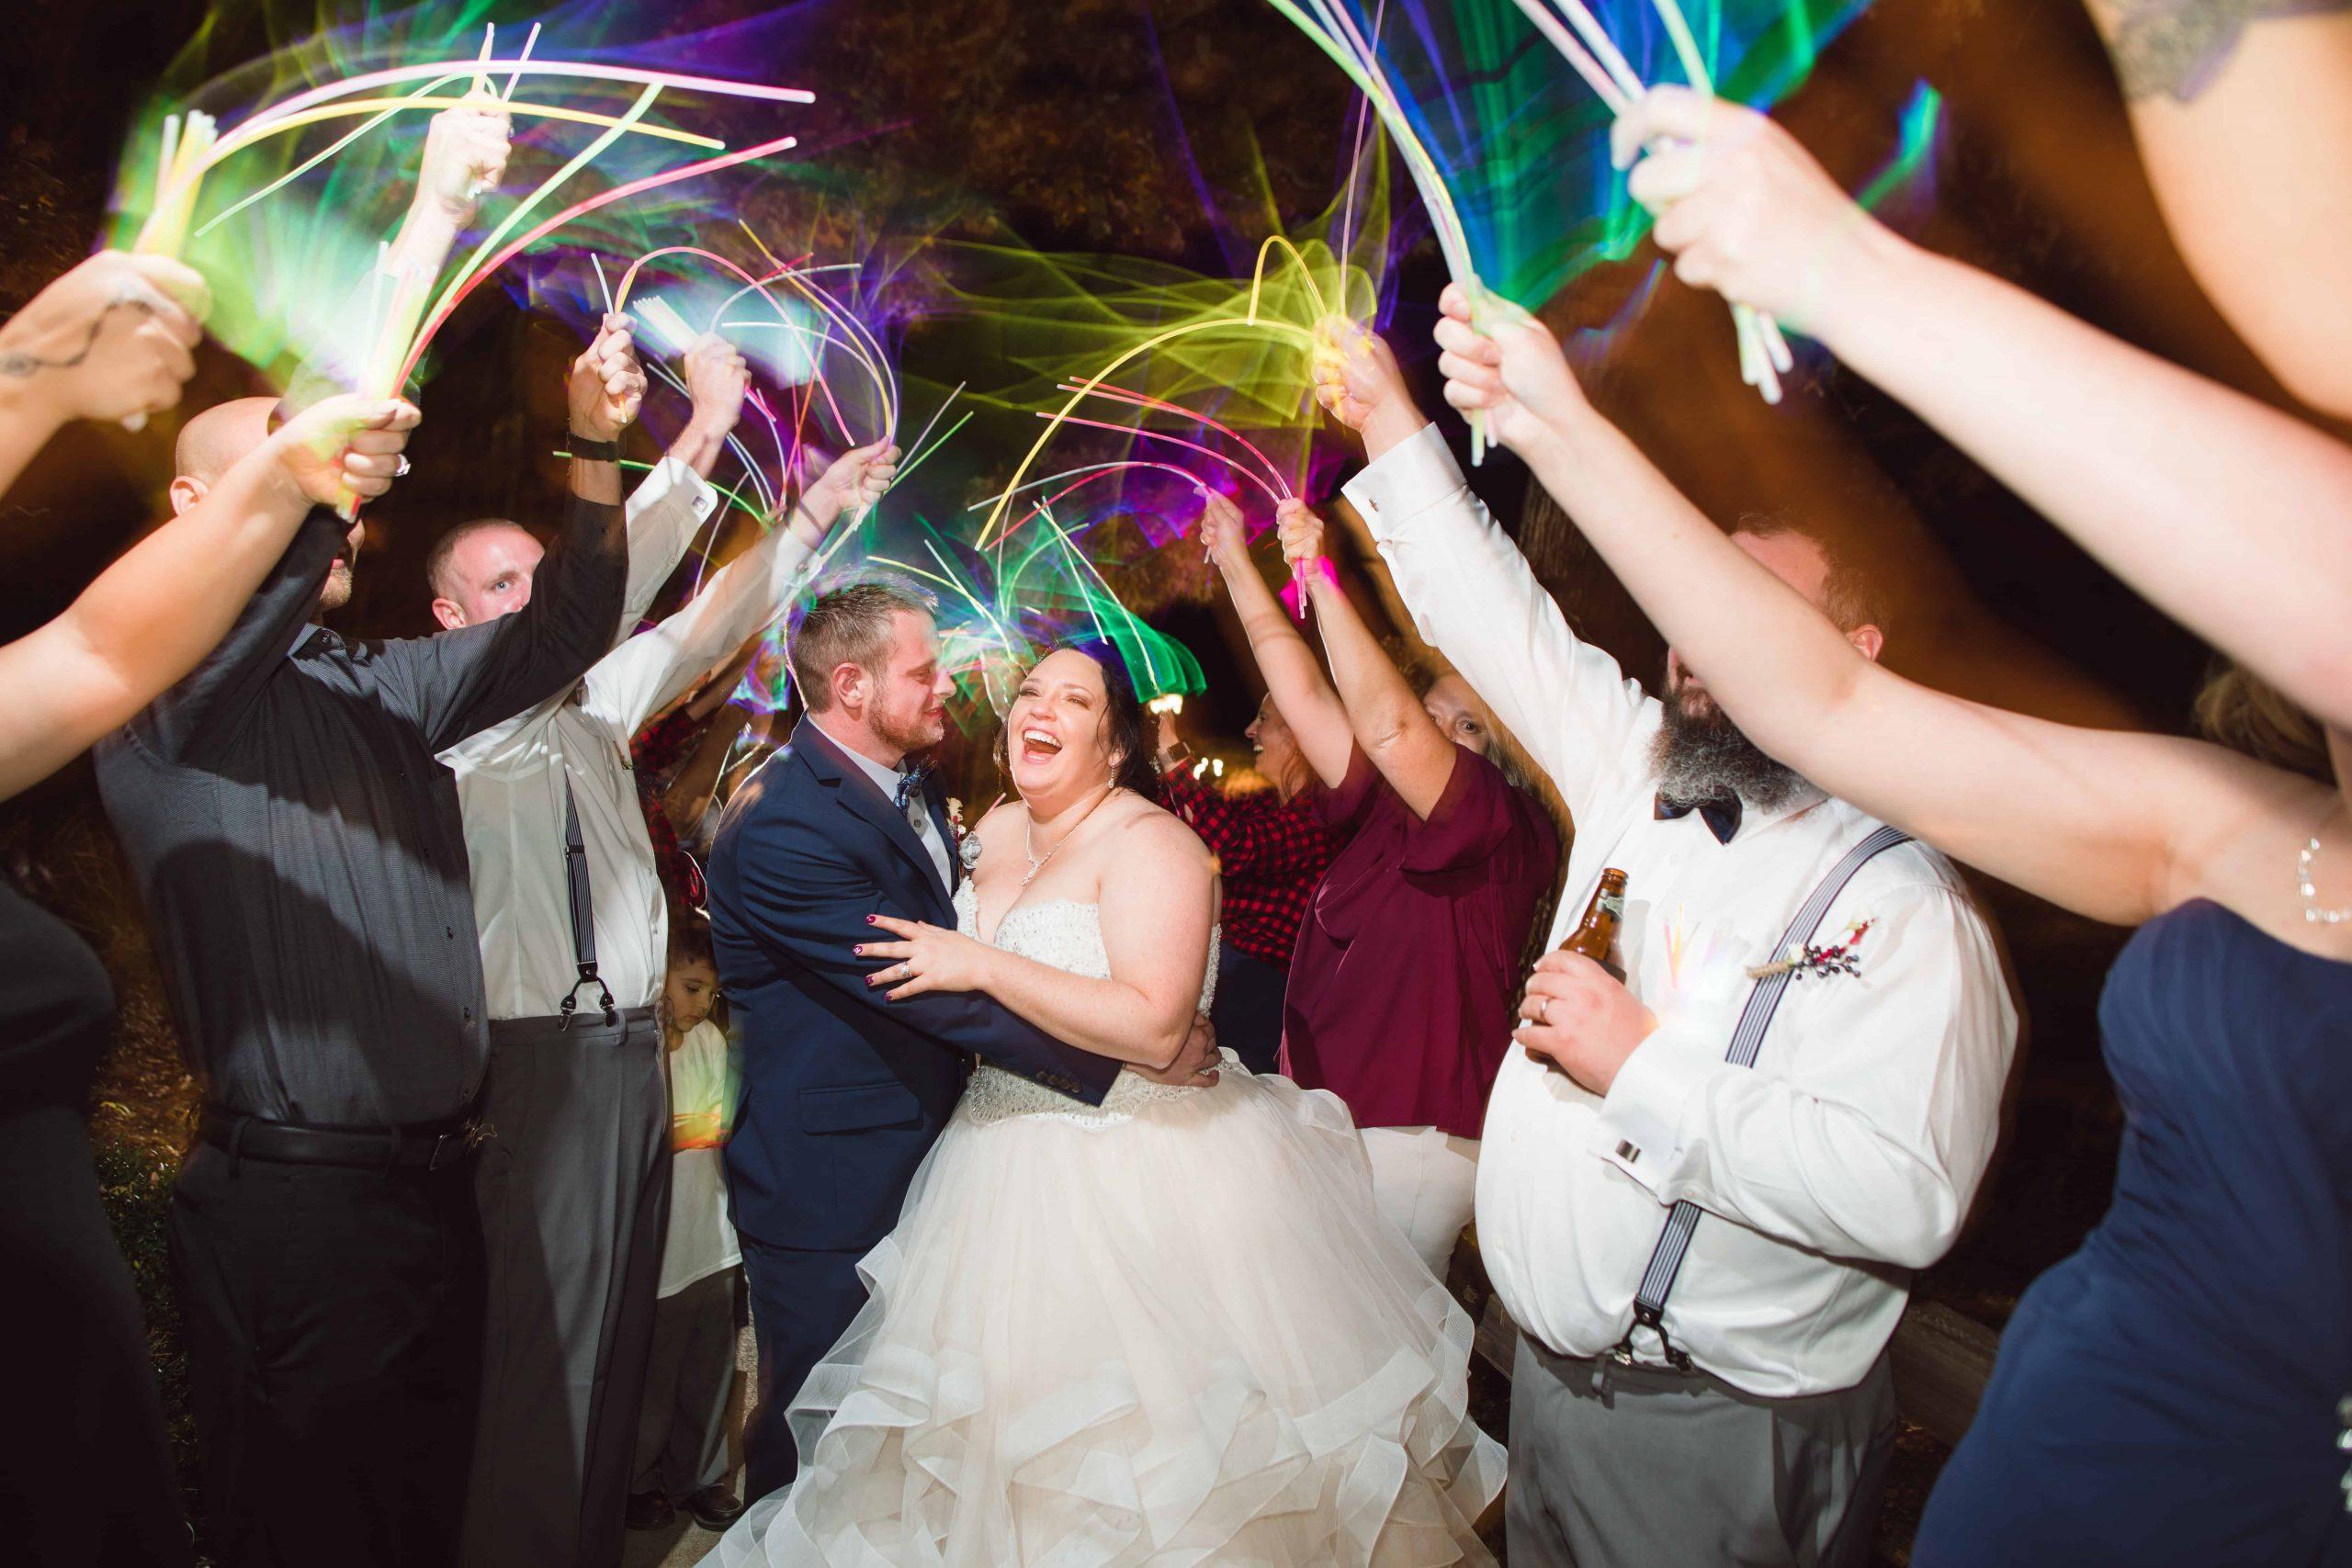 Best wedding exits